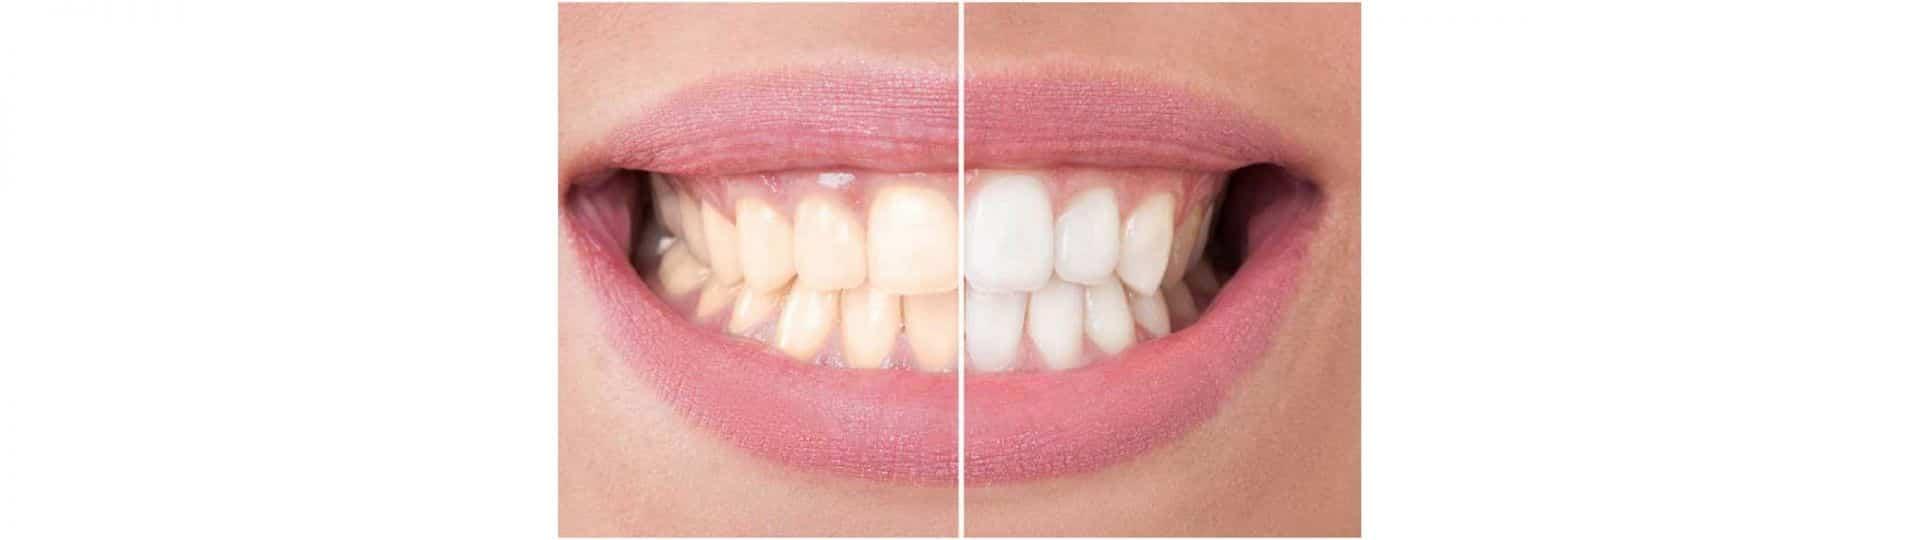 Sbiancamento dentale con laser prima e dopo